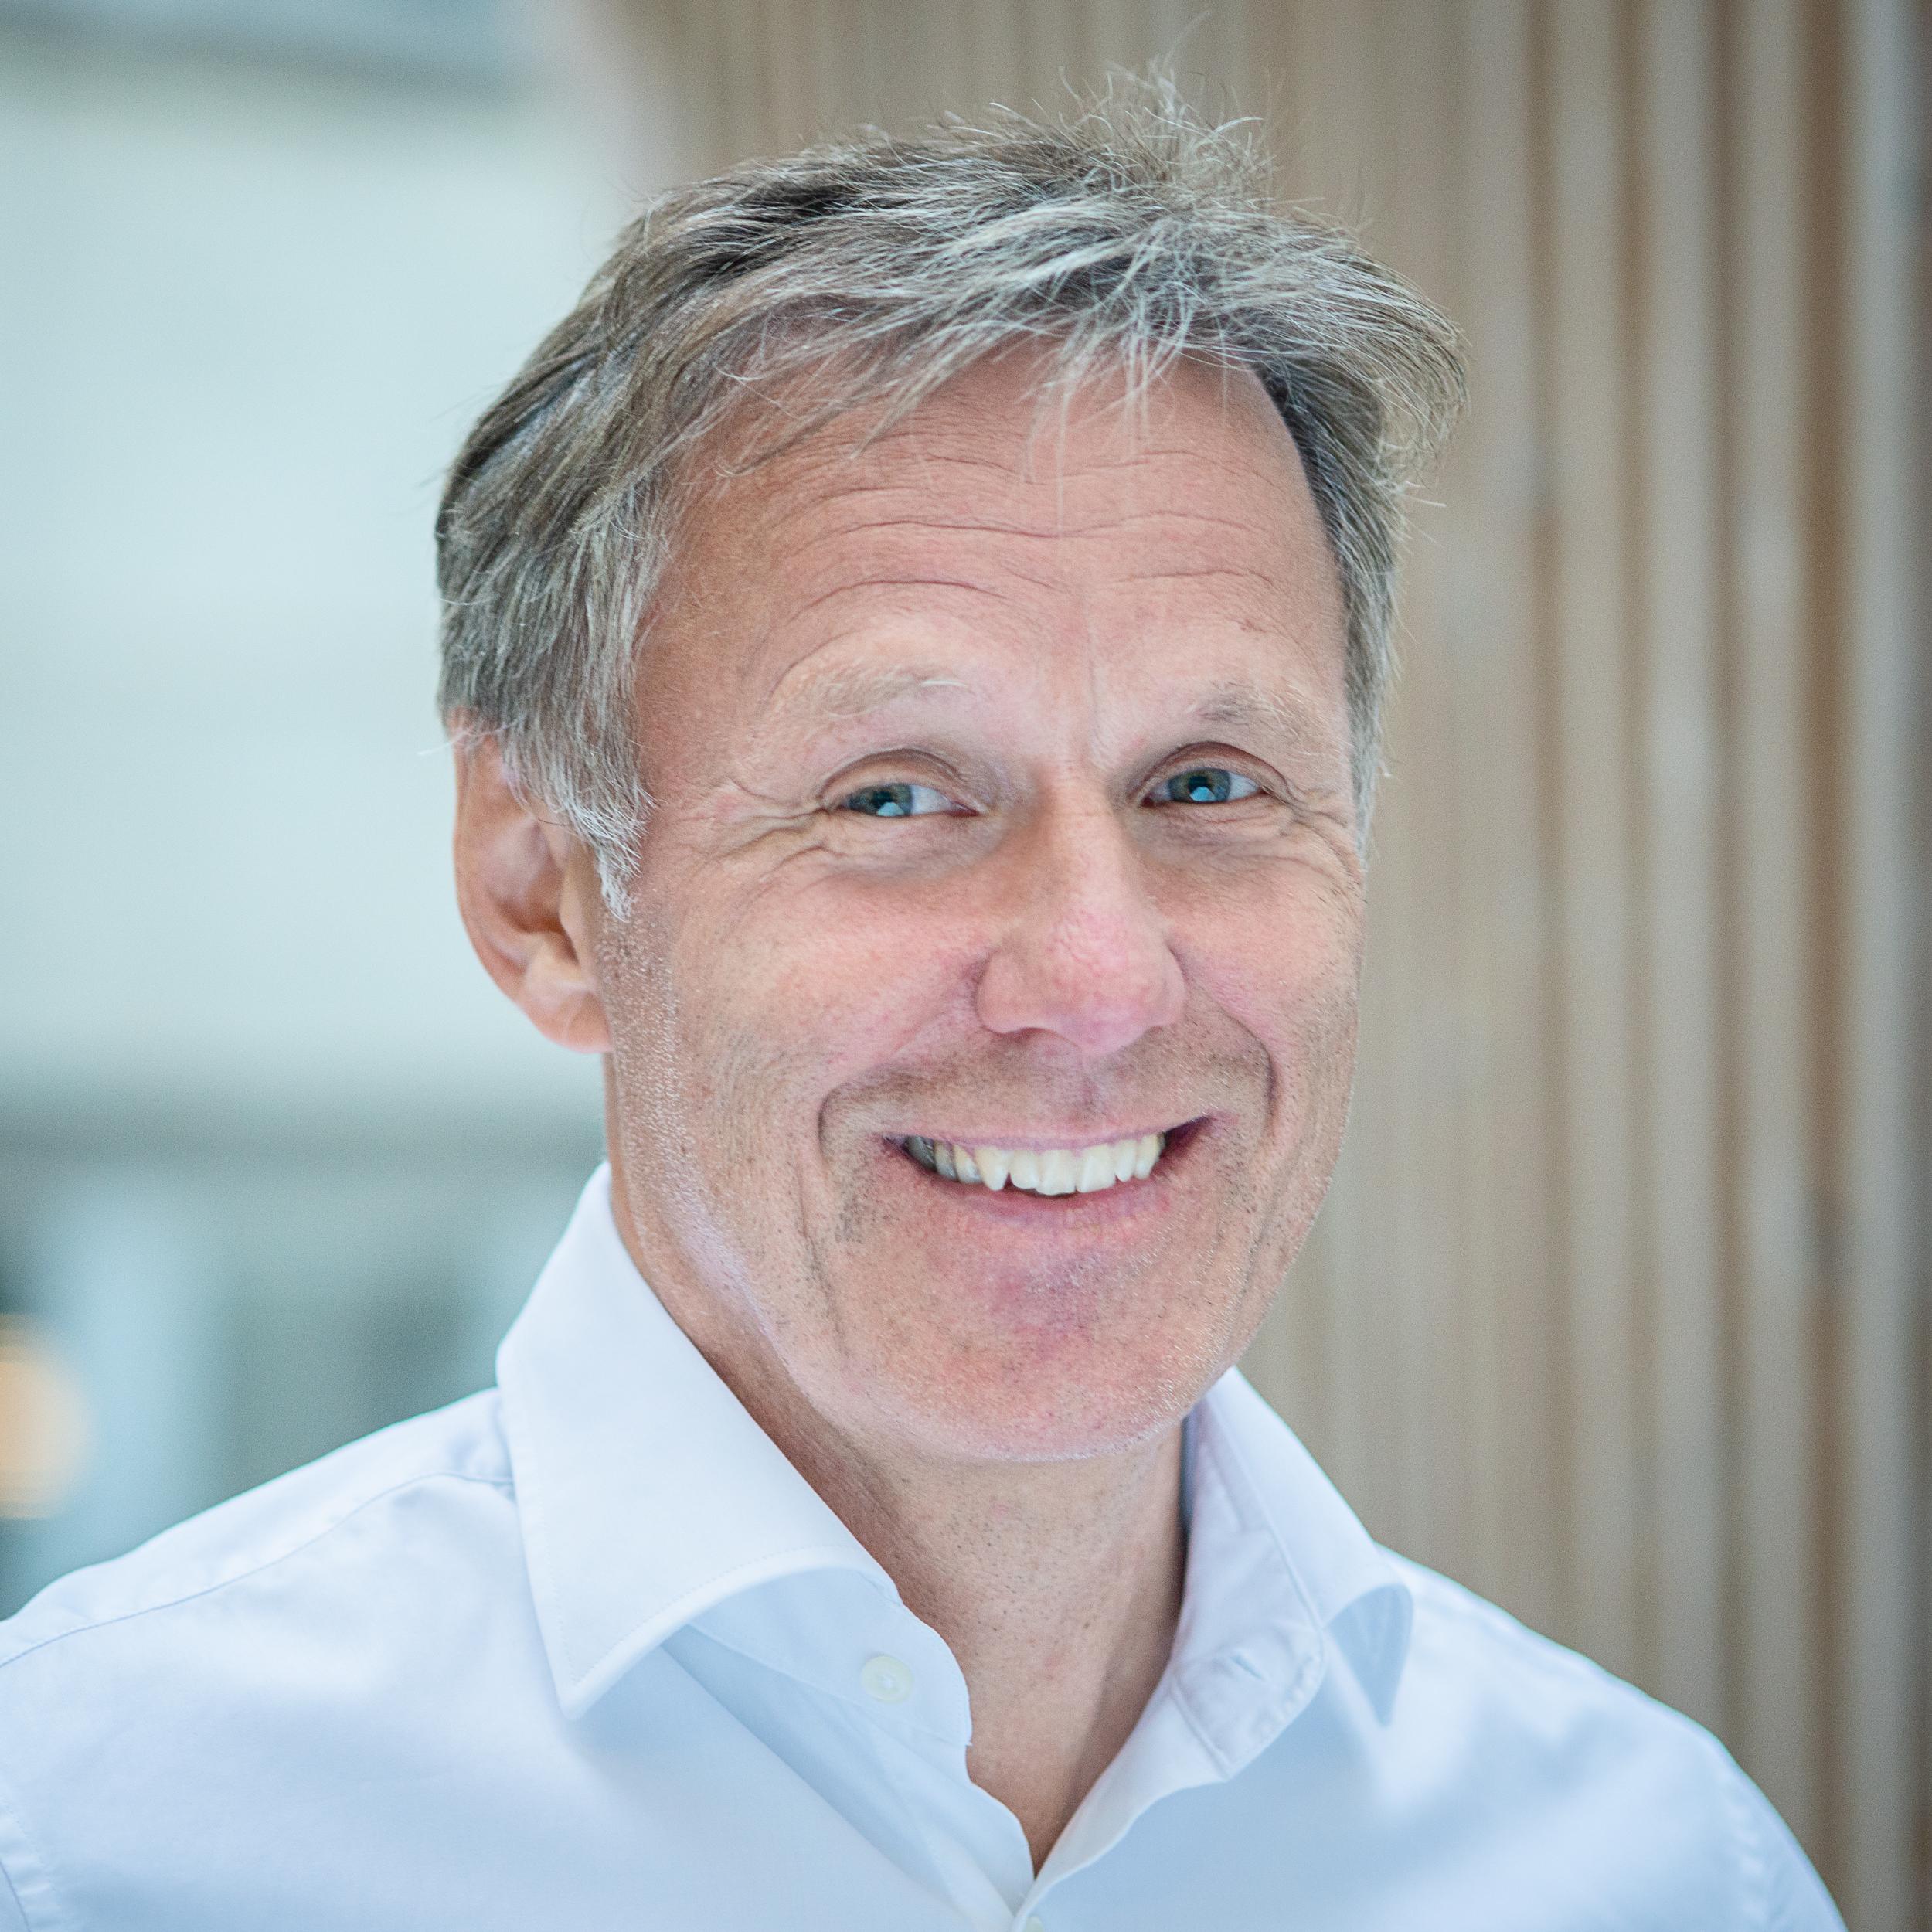 Ulf Pettersson